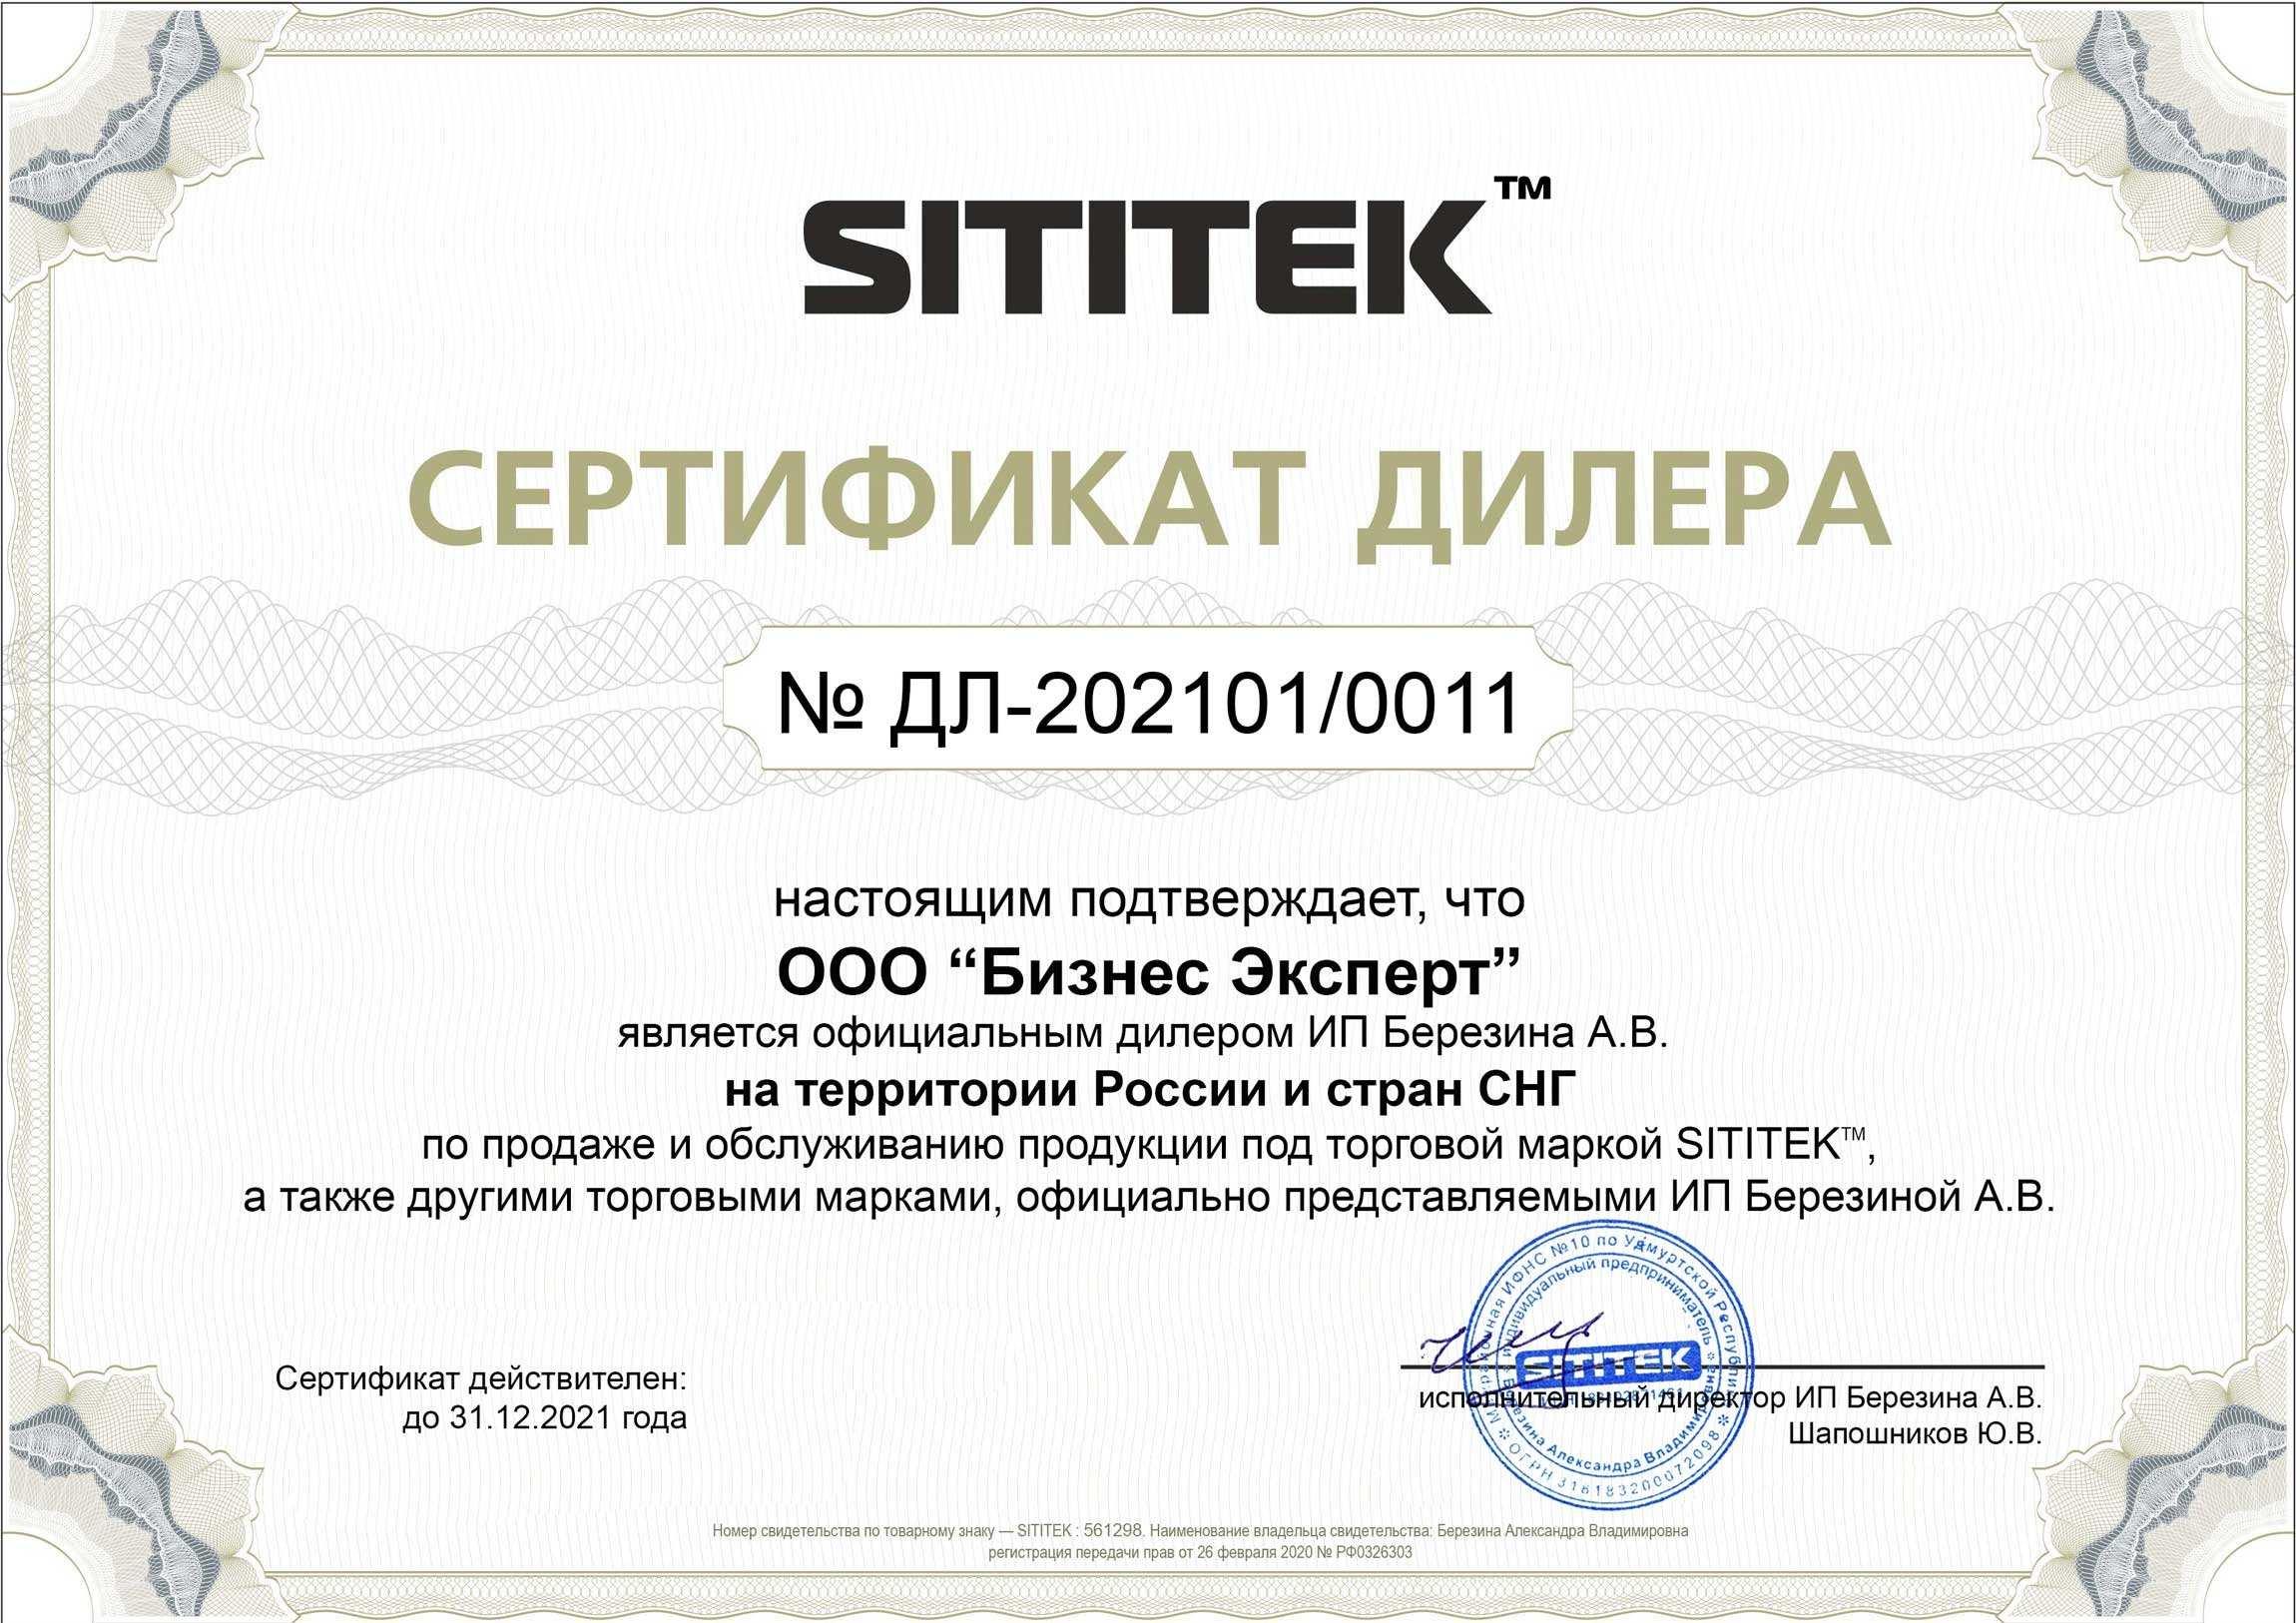 Сертификат дилера на продажу и обслуживание продукции компании Sititek в России и СНГ